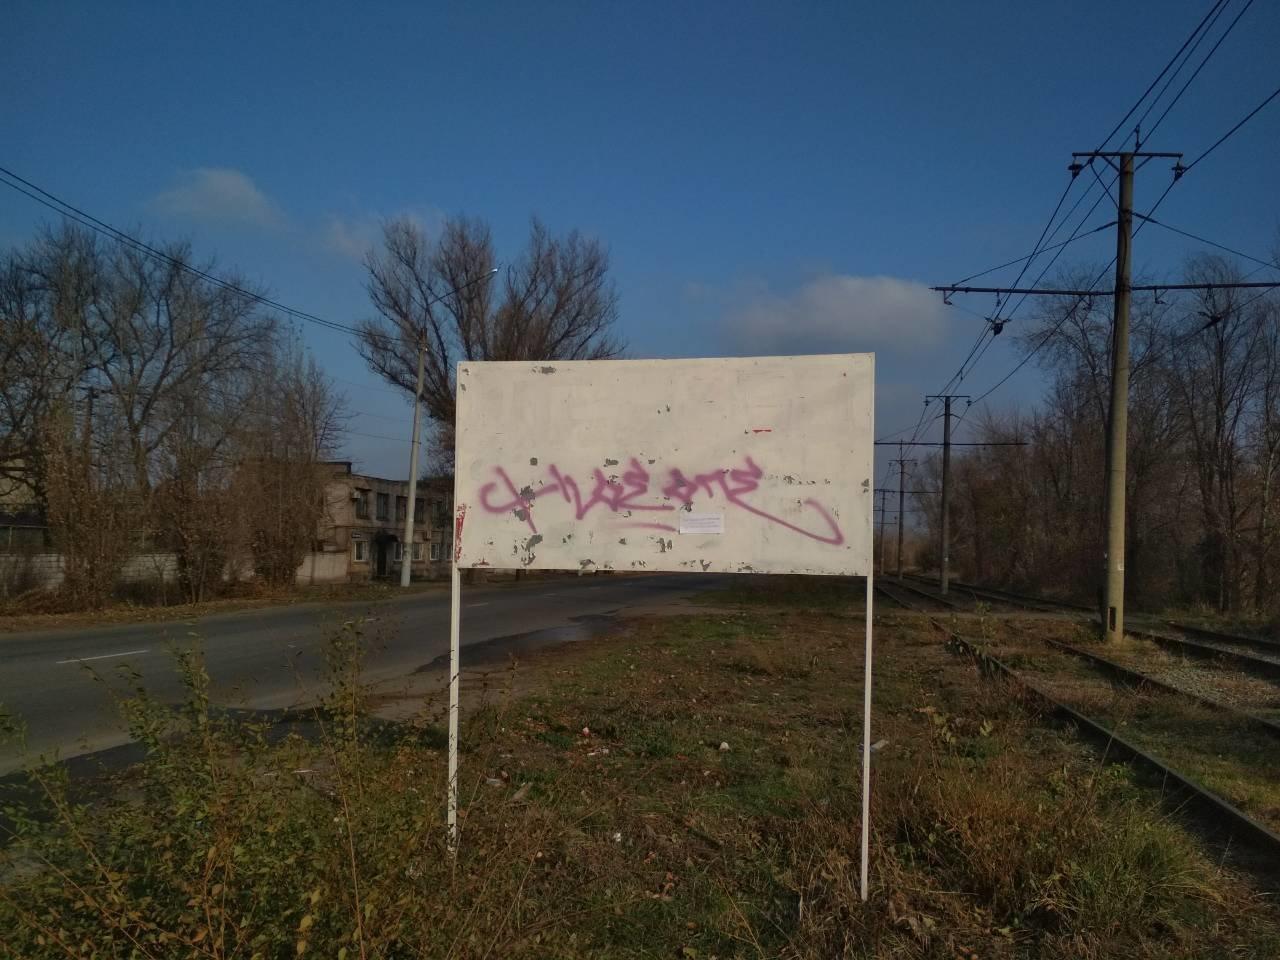 Криворожским предпринимателям дали несколько дней на демонтаж незаконной рекламы, - ФОТО , фото-3